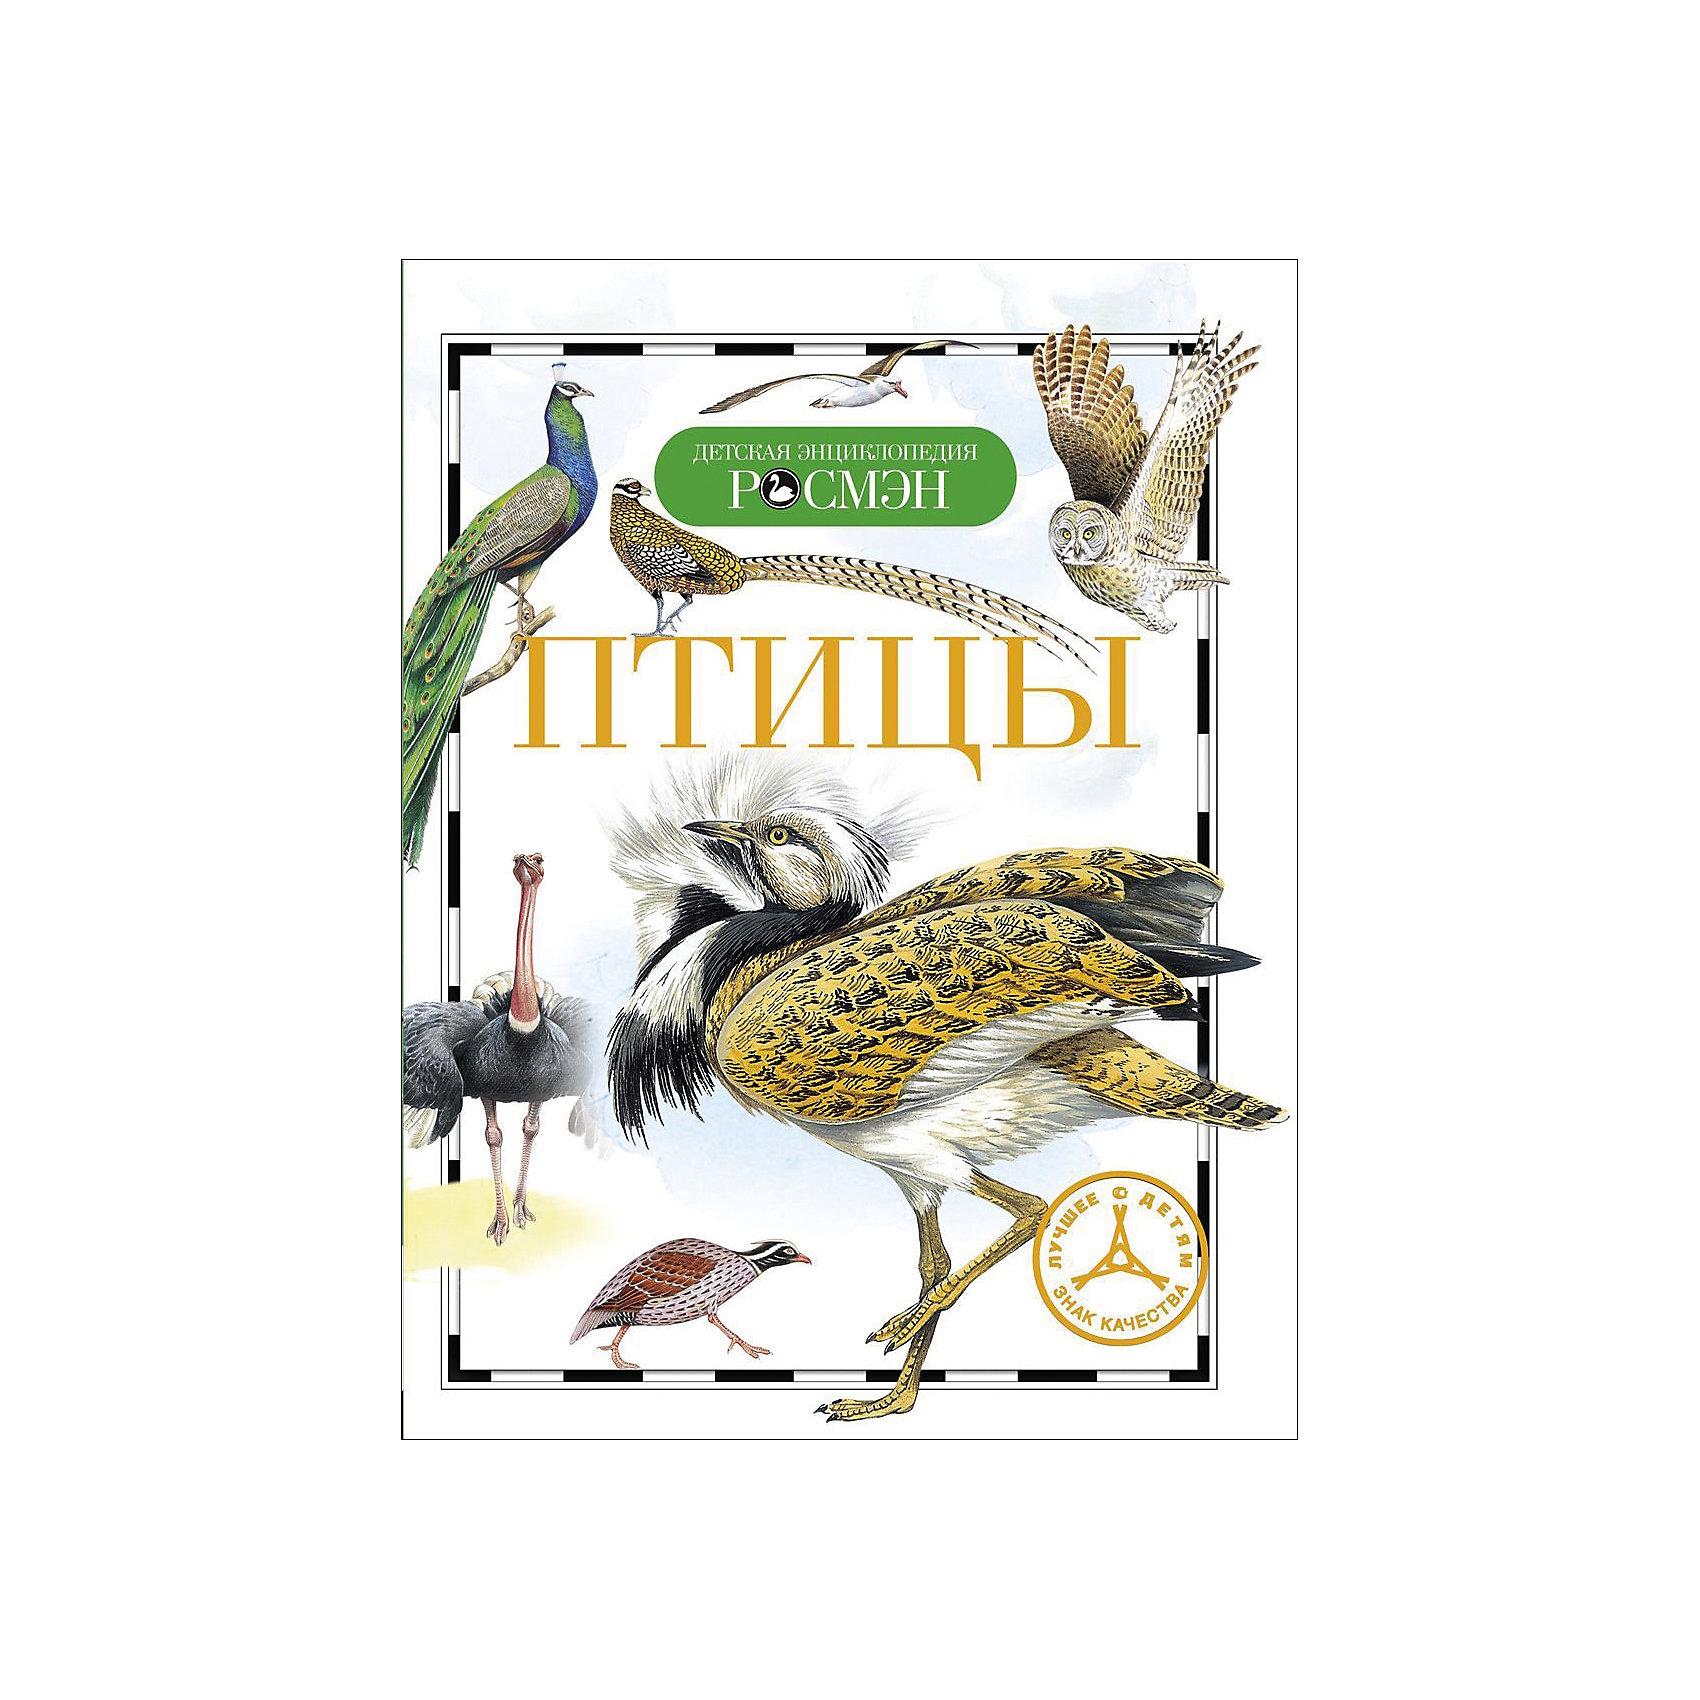 ПтицыХарактеристики товара:<br><br>- цвет: разноцветный;<br>- материал: бумага;<br>- страниц: 96;<br>- формат: 17 x 21 см;<br>- обложка: твердая;<br>- цветные иллюстрации.<br><br>Эта интересная книга с иллюстрациями станет отличным подарком для ребенка. Она содержит в себе ответы на вопросы, которые интересуют малышей. Всё представлено в очень простой форме! Талантливый иллюстратор дополнил книгу качественными рисунками, которые помогают ребенку понять суть многих вещей в нашем мире. Удивительные и интересные факты помогут привить любовь к учебе!<br>Чтение - отличный способ активизации мышления, оно помогает ребенку развивать зрительную память, концентрацию внимания и воображение. Издание произведено из качественных материалов, которые безопасны даже для самых маленьких.<br><br>Книгу Птицы от компании Росмэн можно купить в нашем интернет-магазине.<br><br>Ширина мм: 220<br>Глубина мм: 165<br>Высота мм: 8<br>Вес г: 221<br>Возраст от месяцев: 84<br>Возраст до месяцев: 108<br>Пол: Унисекс<br>Возраст: Детский<br>SKU: 5109992